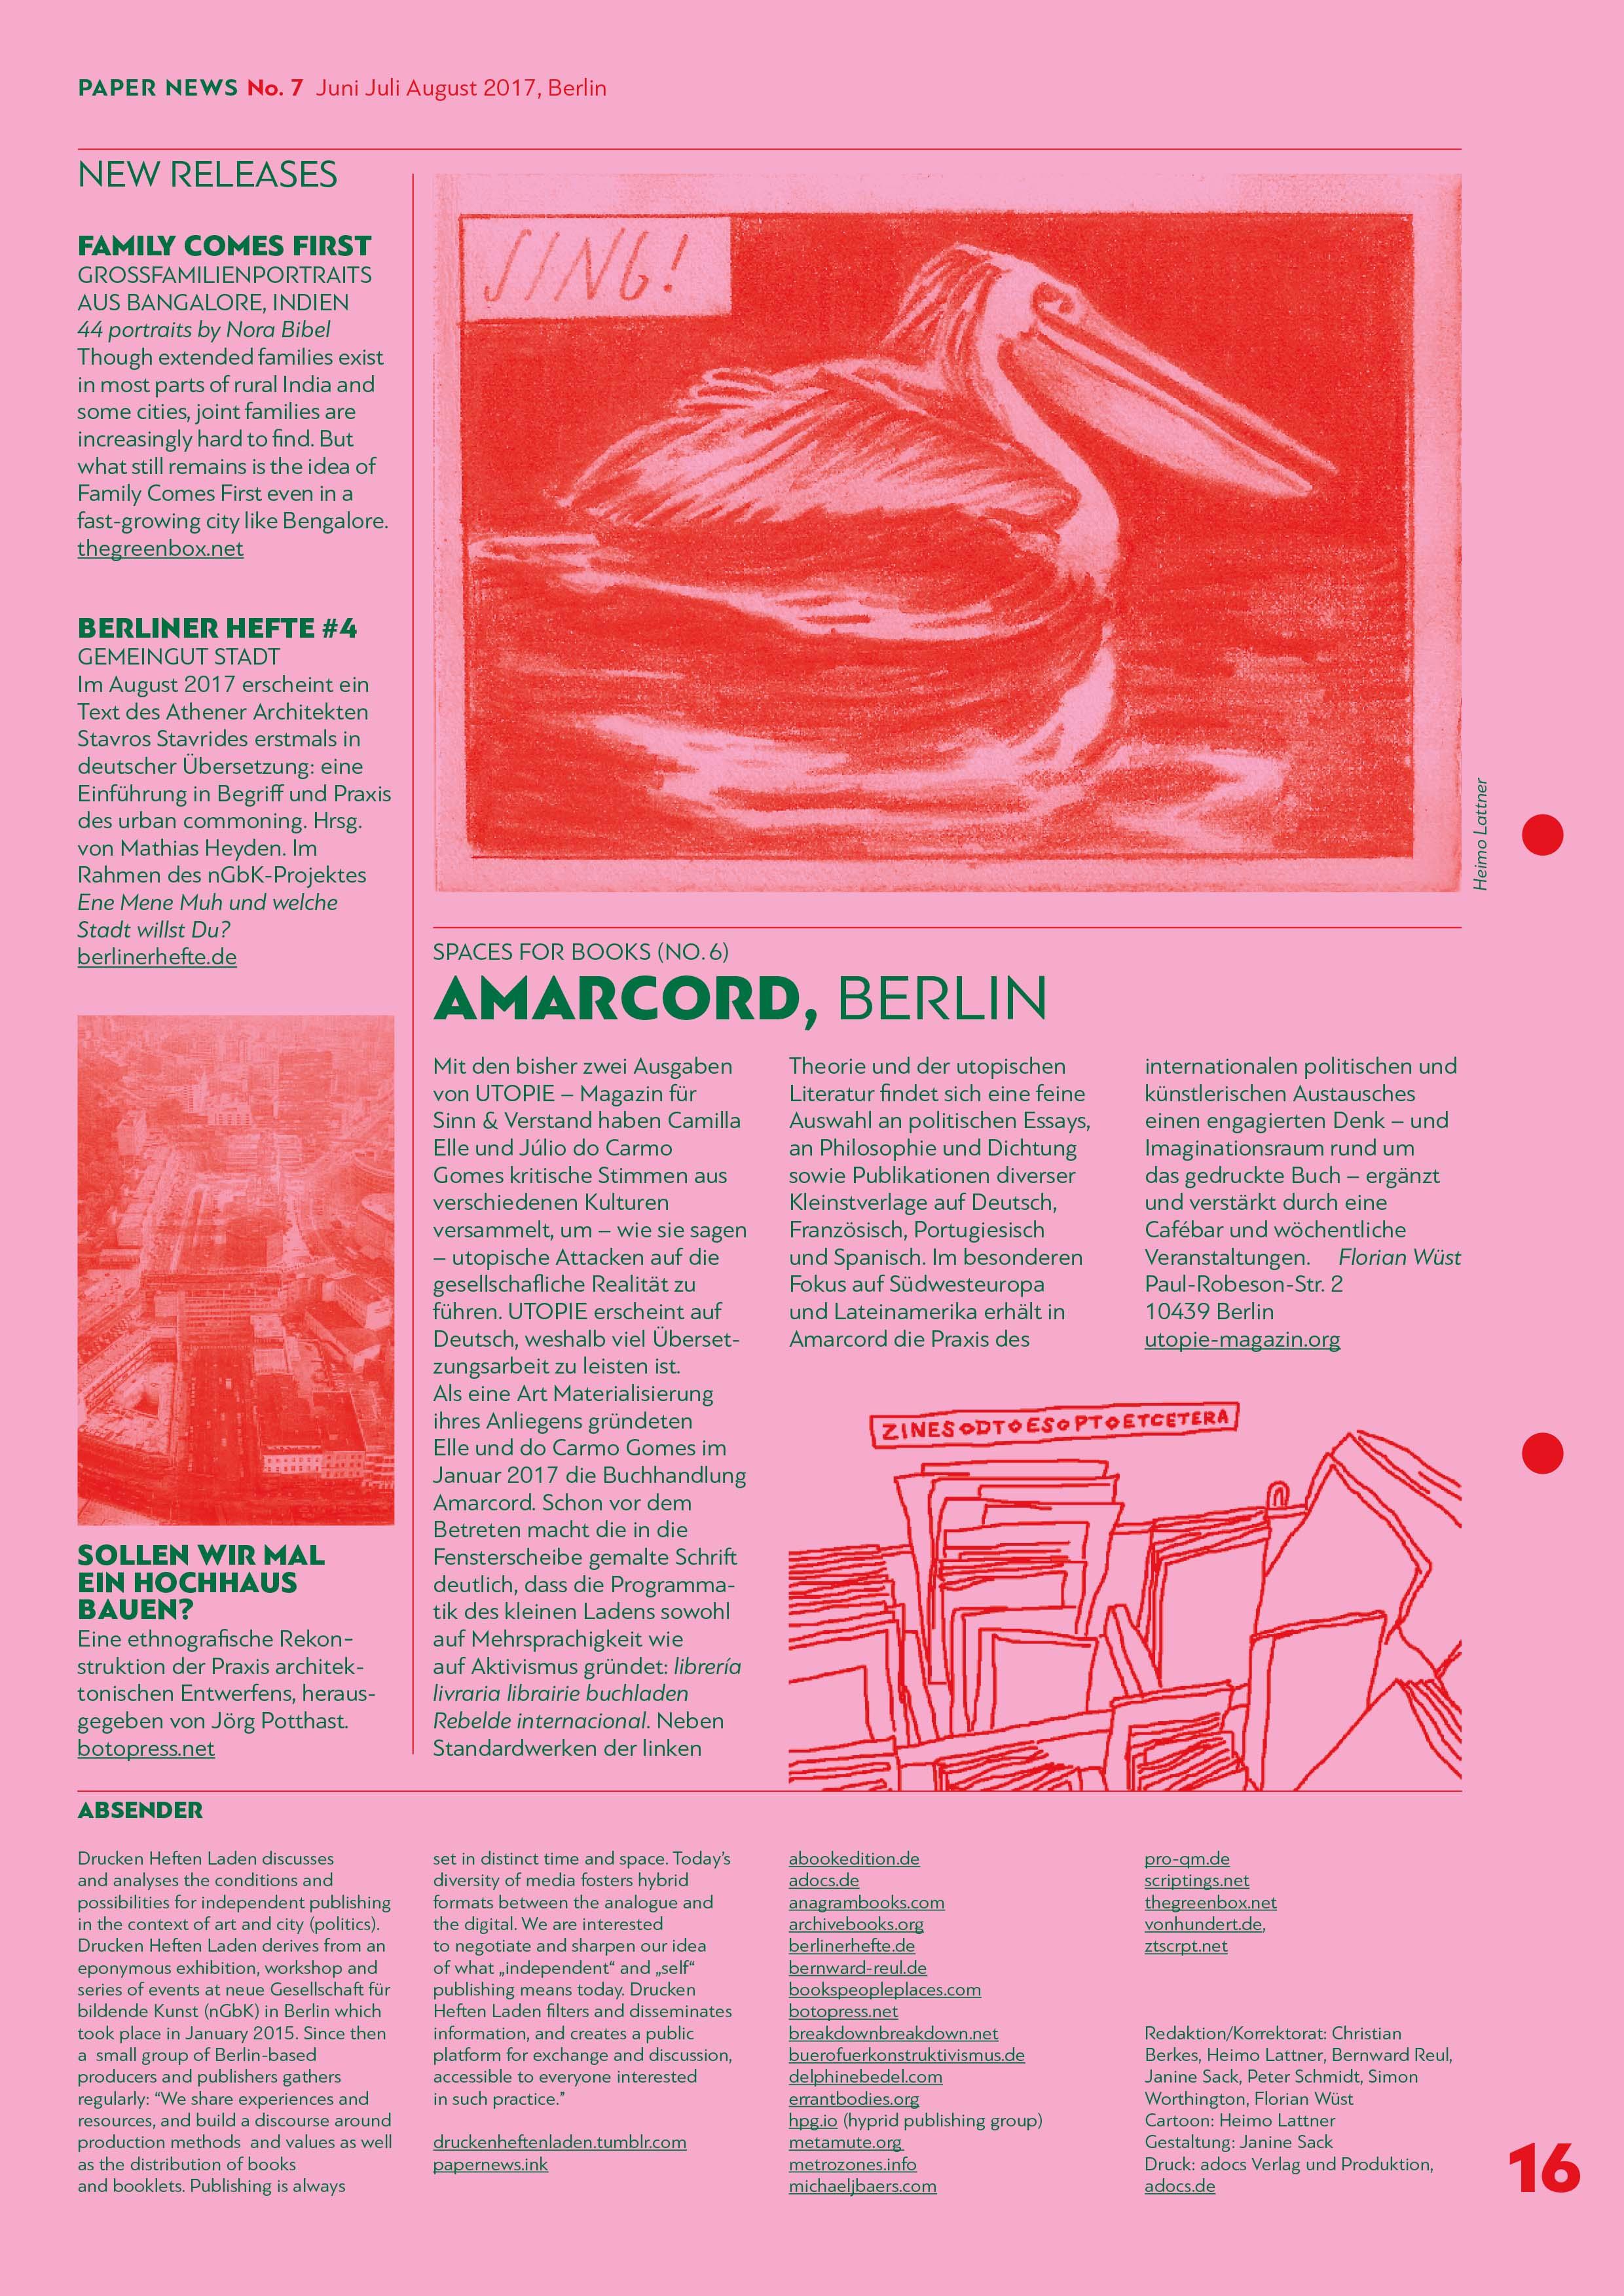 Utopie - Magazin für Sinn und Verstand